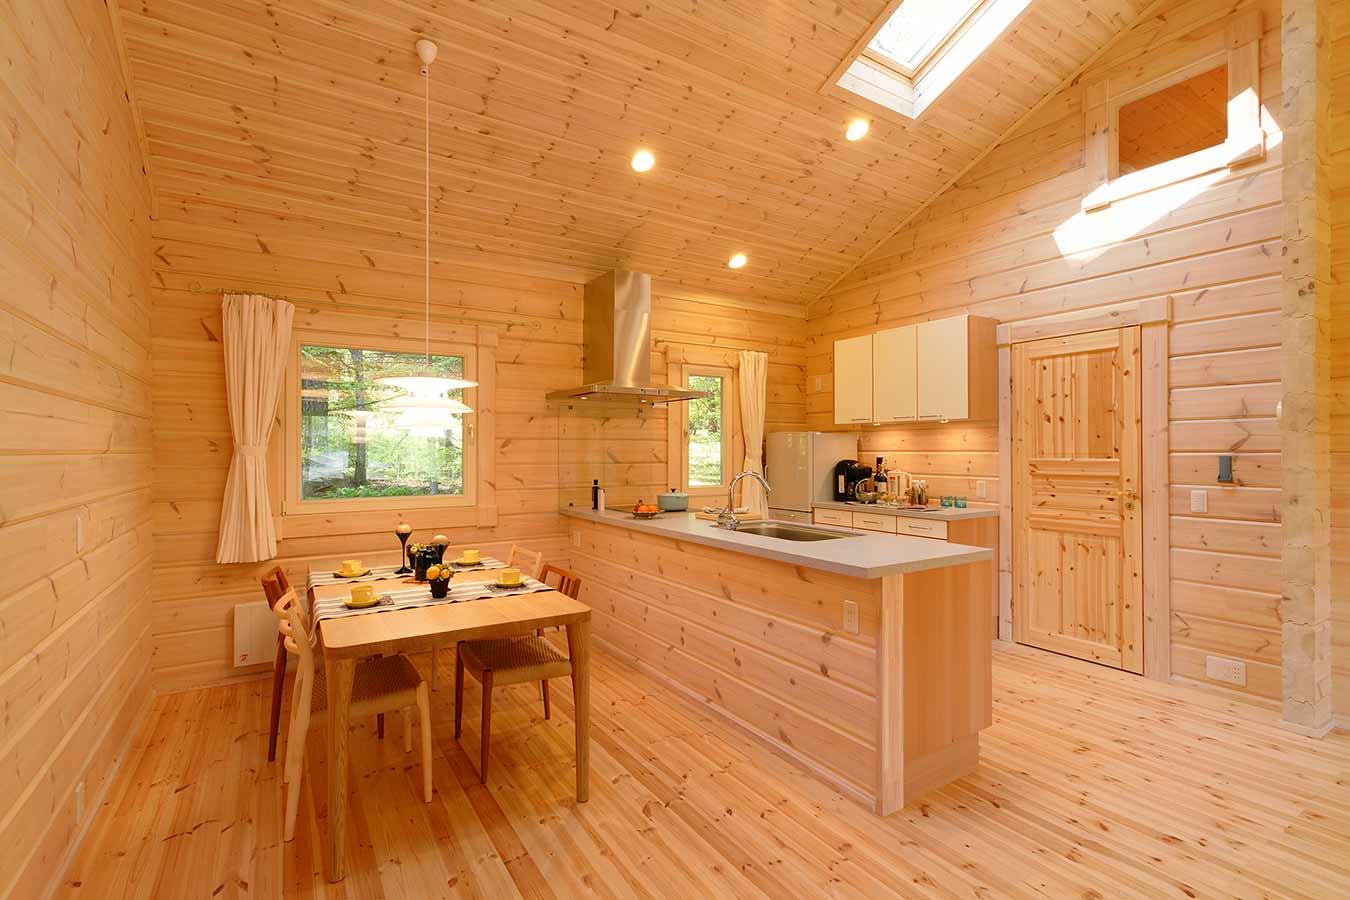 大きな窓や天窓を設置したリビングキッチン